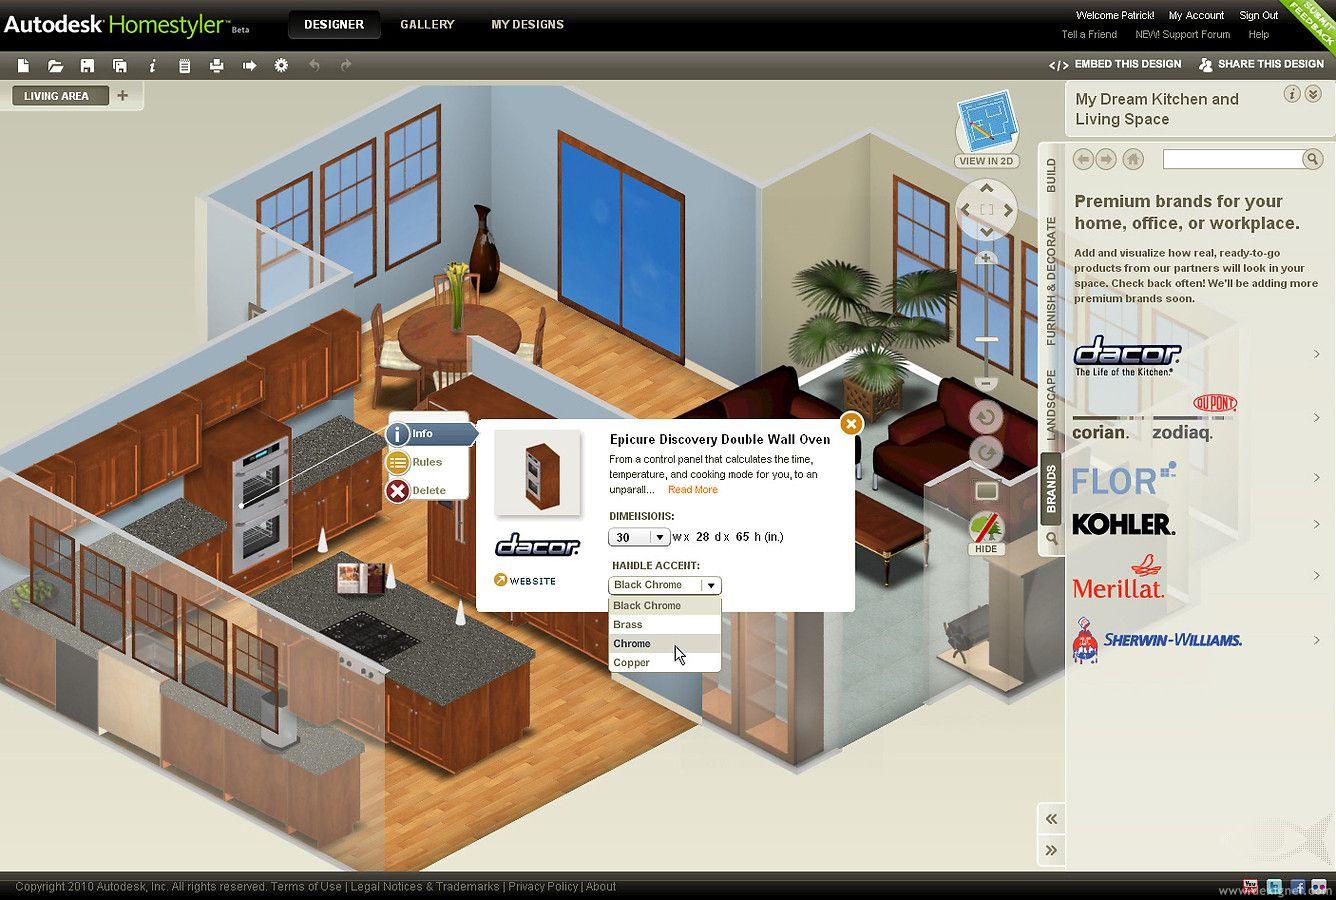 Best Kitchen Gallery: Home Interior Design Online Hunt Home Design Pinterest of Autodesk Home Designer  on rachelxblog.com